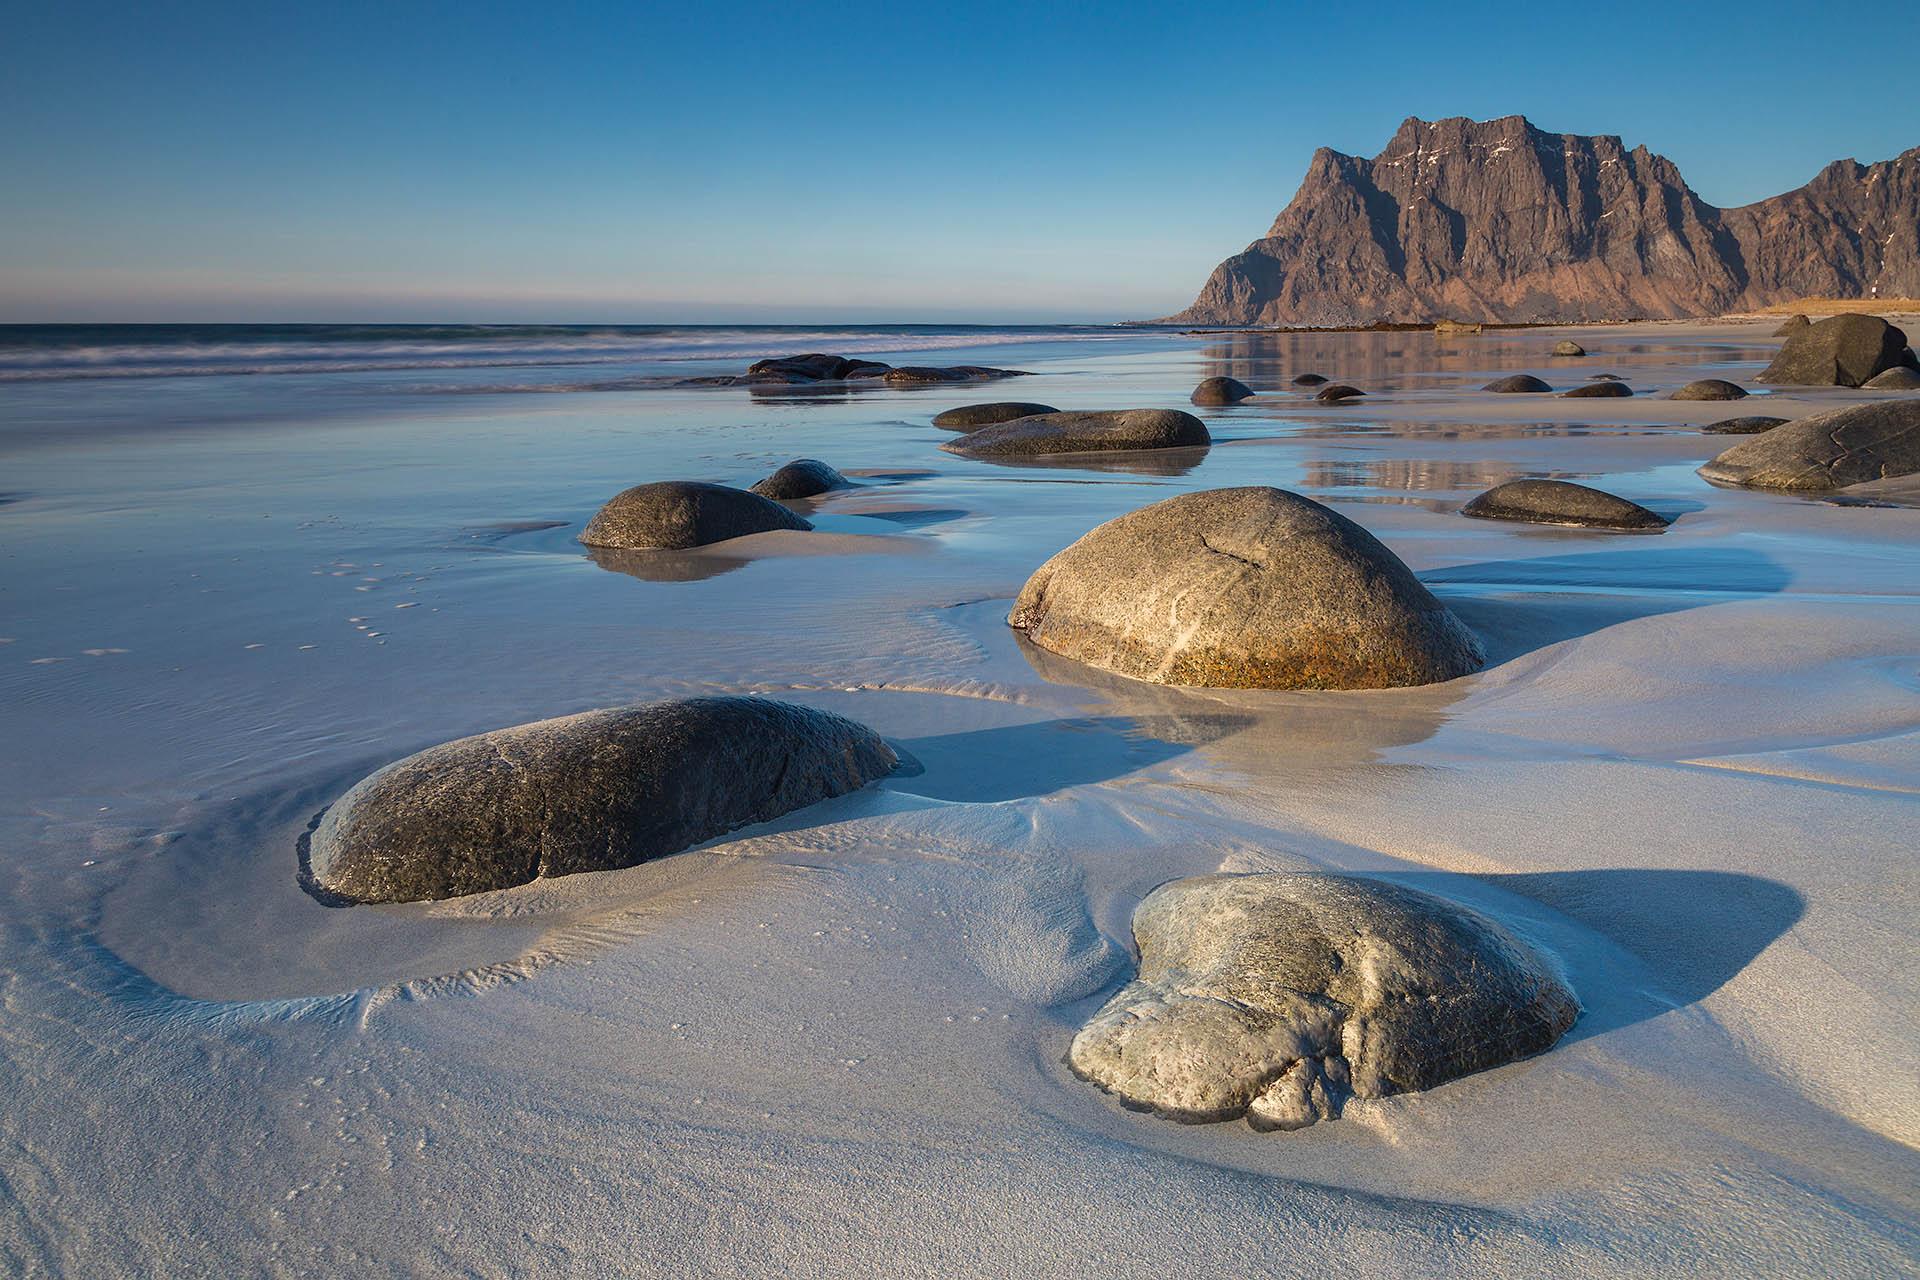 Het strand van Uttakleiv op de Lofoten in Noorwegen is bezaaid met prachtige keien.